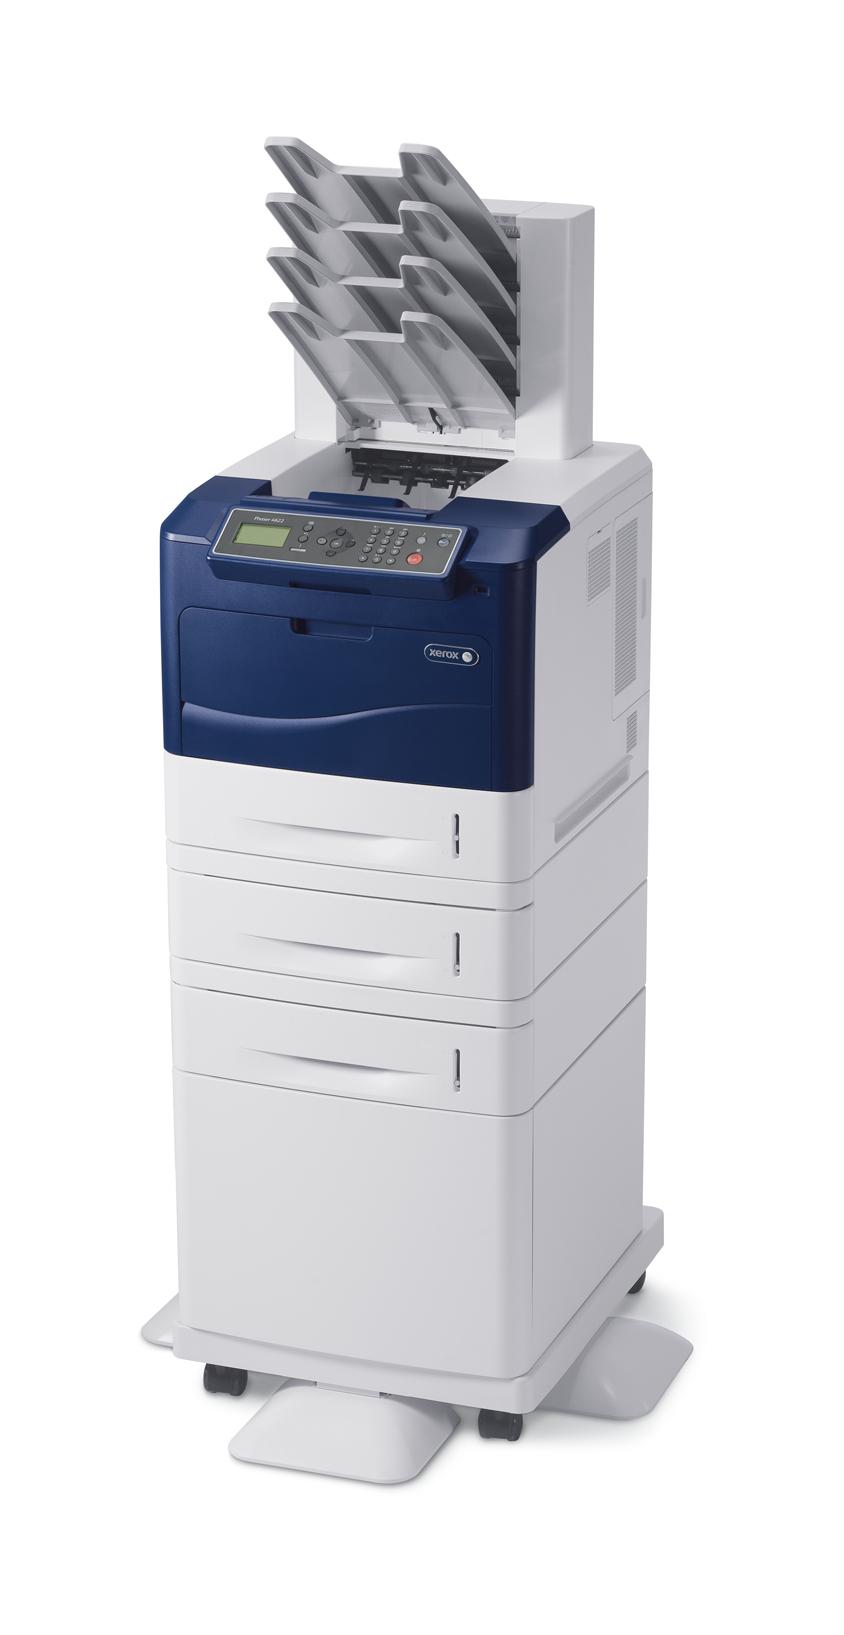 097N01877 Выходной лоток на 400 листов с 4-мя отсеками (почтовые ящики) Xerox Phaser 4600/4620/4622 - 1